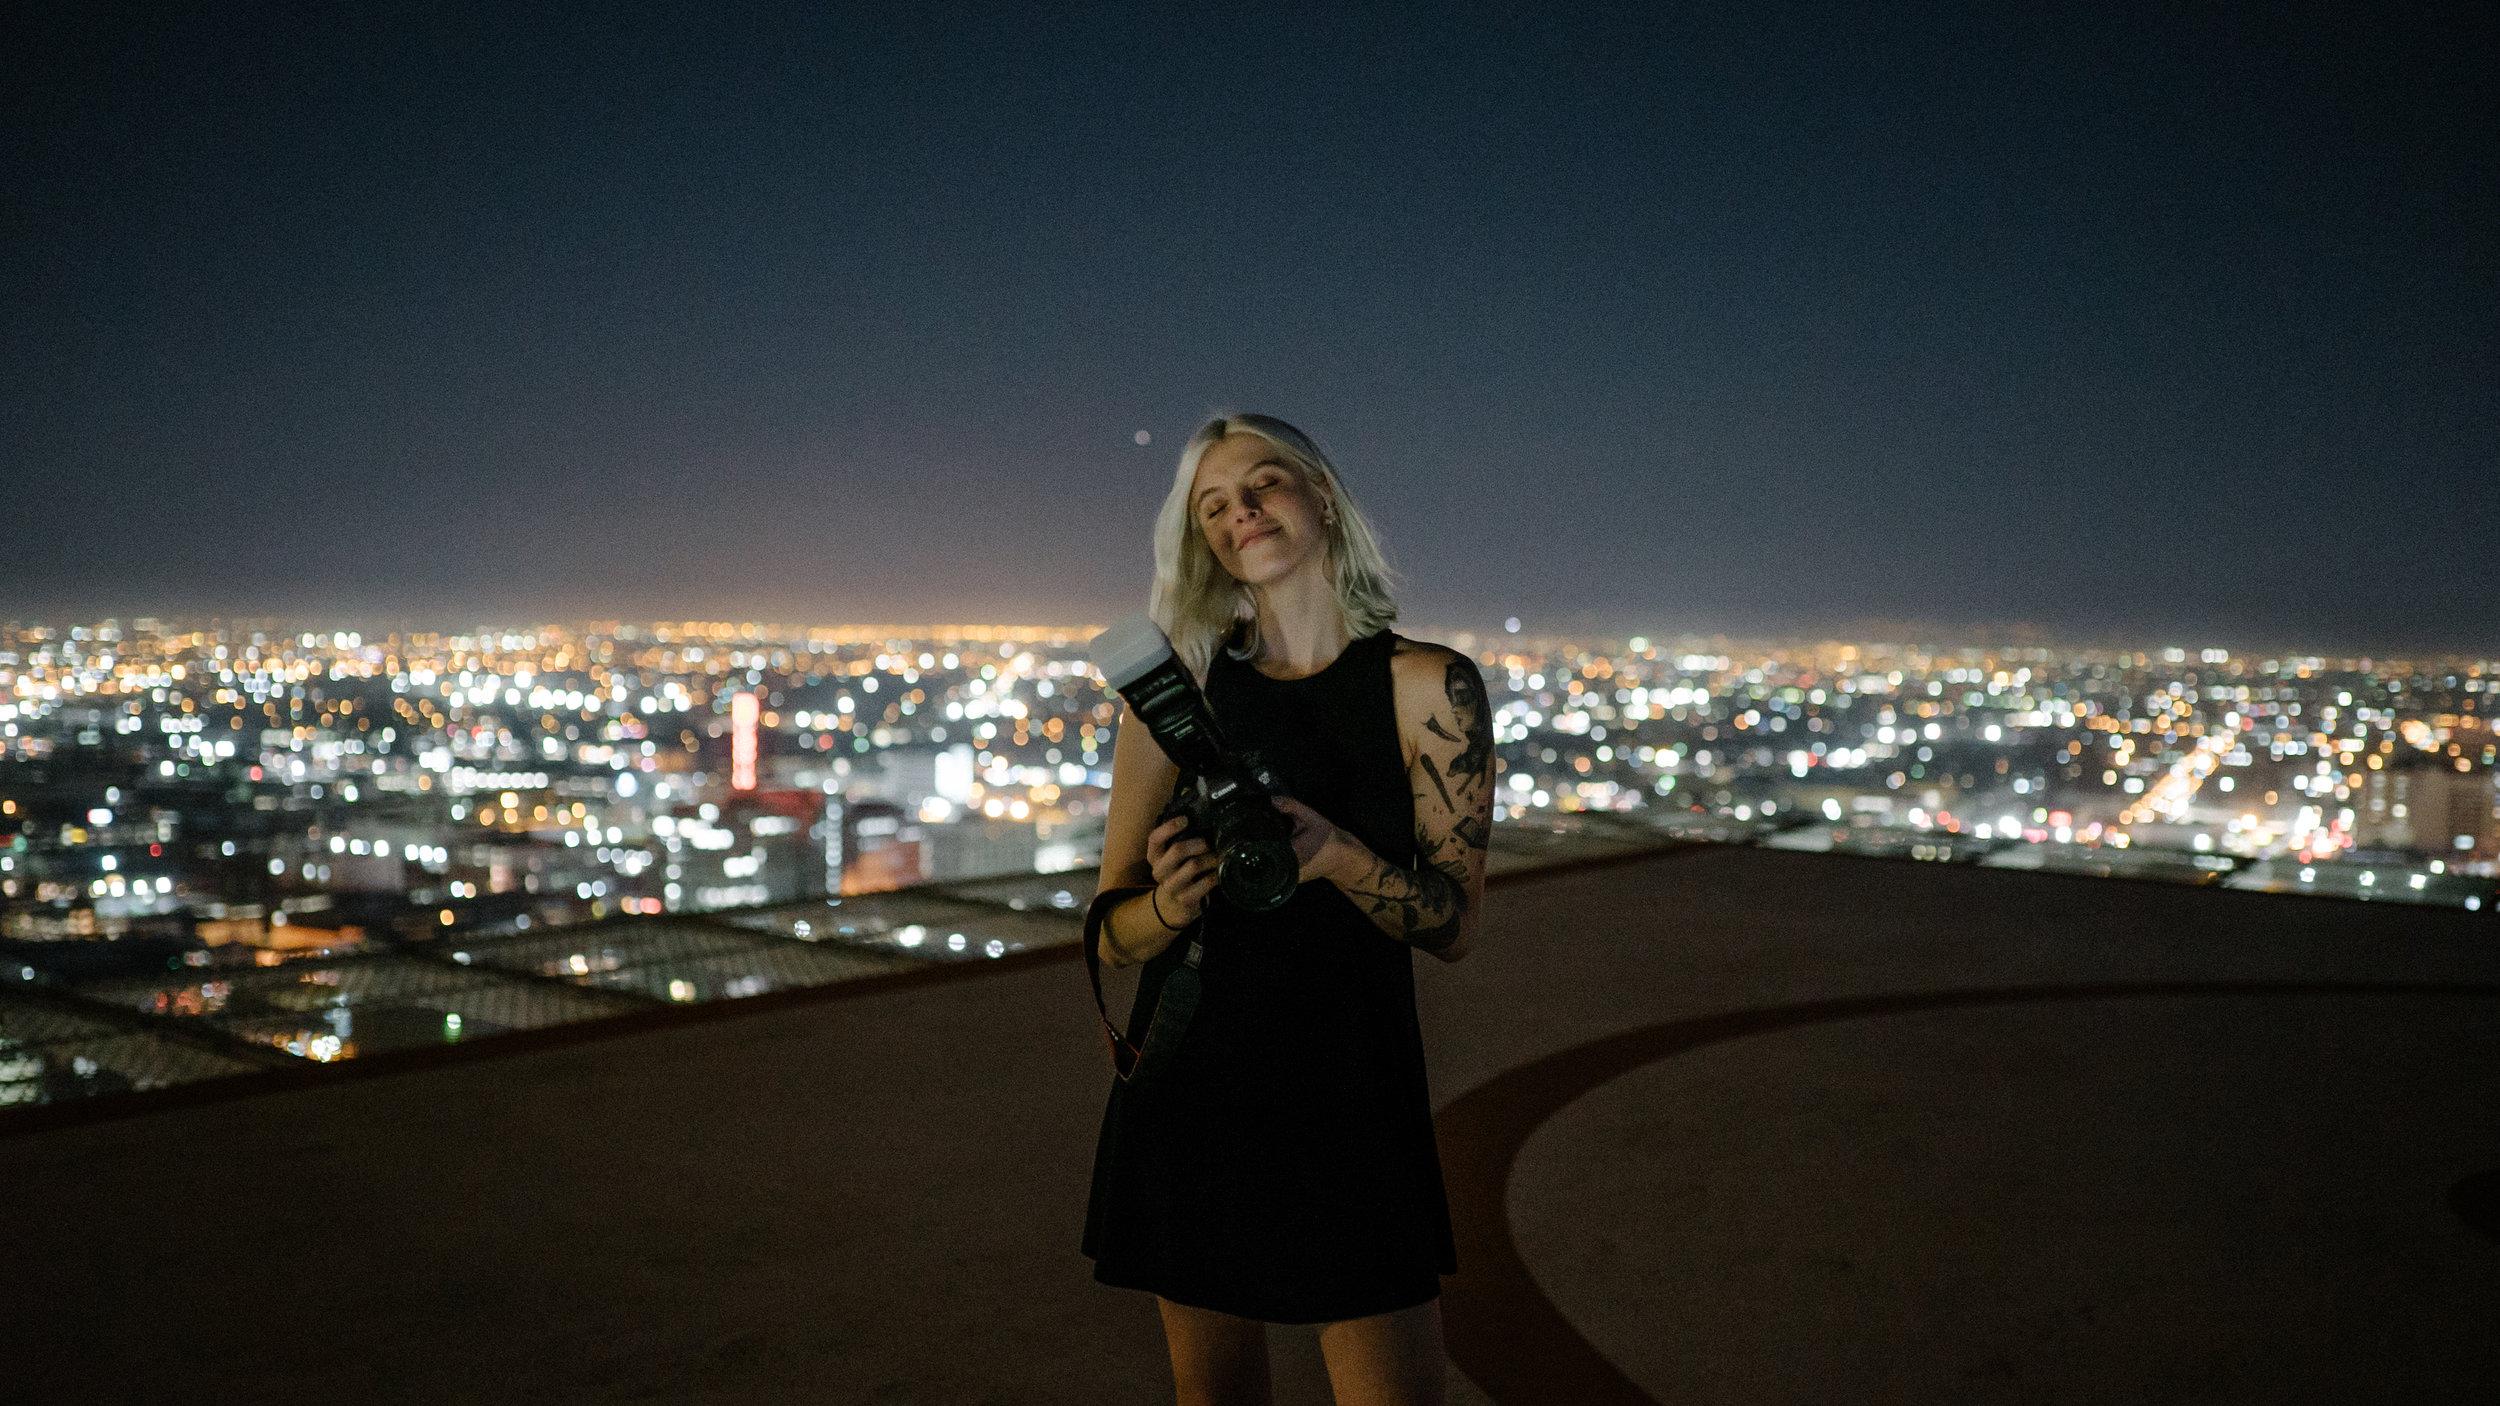 McKenna (Rooftop).jpg